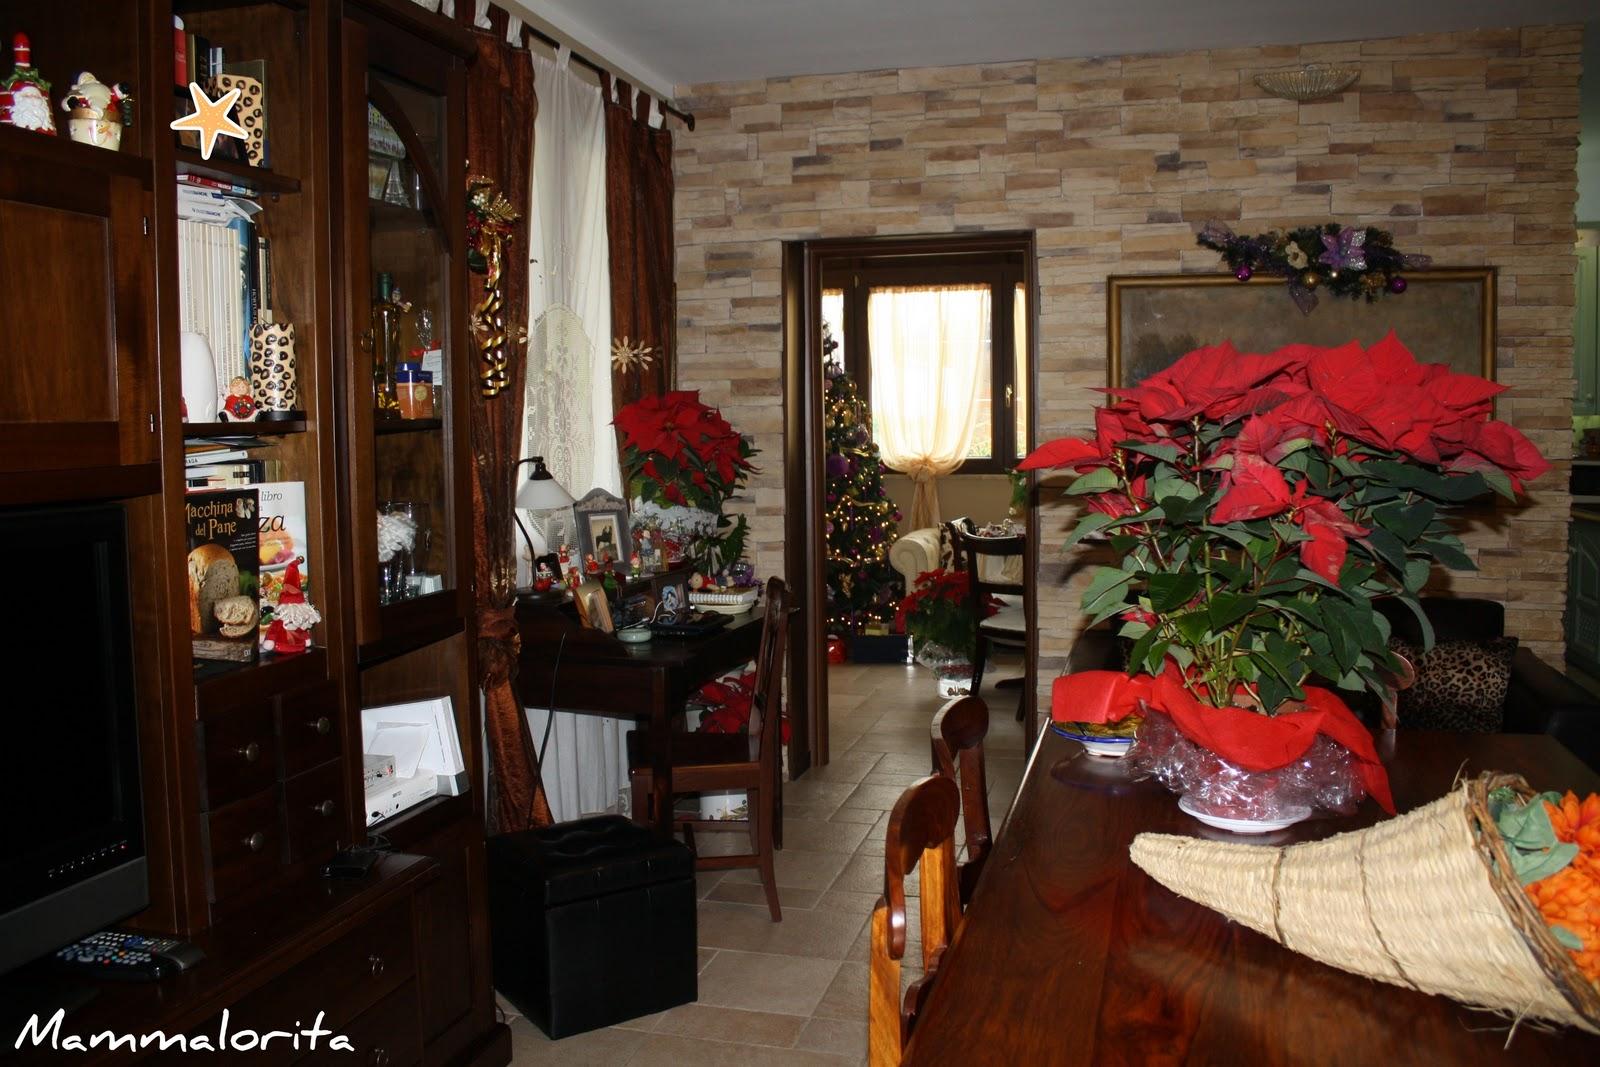 Mammalorita e 39 arrivato dicembre viva il natale ed for Come progettare la mia casa